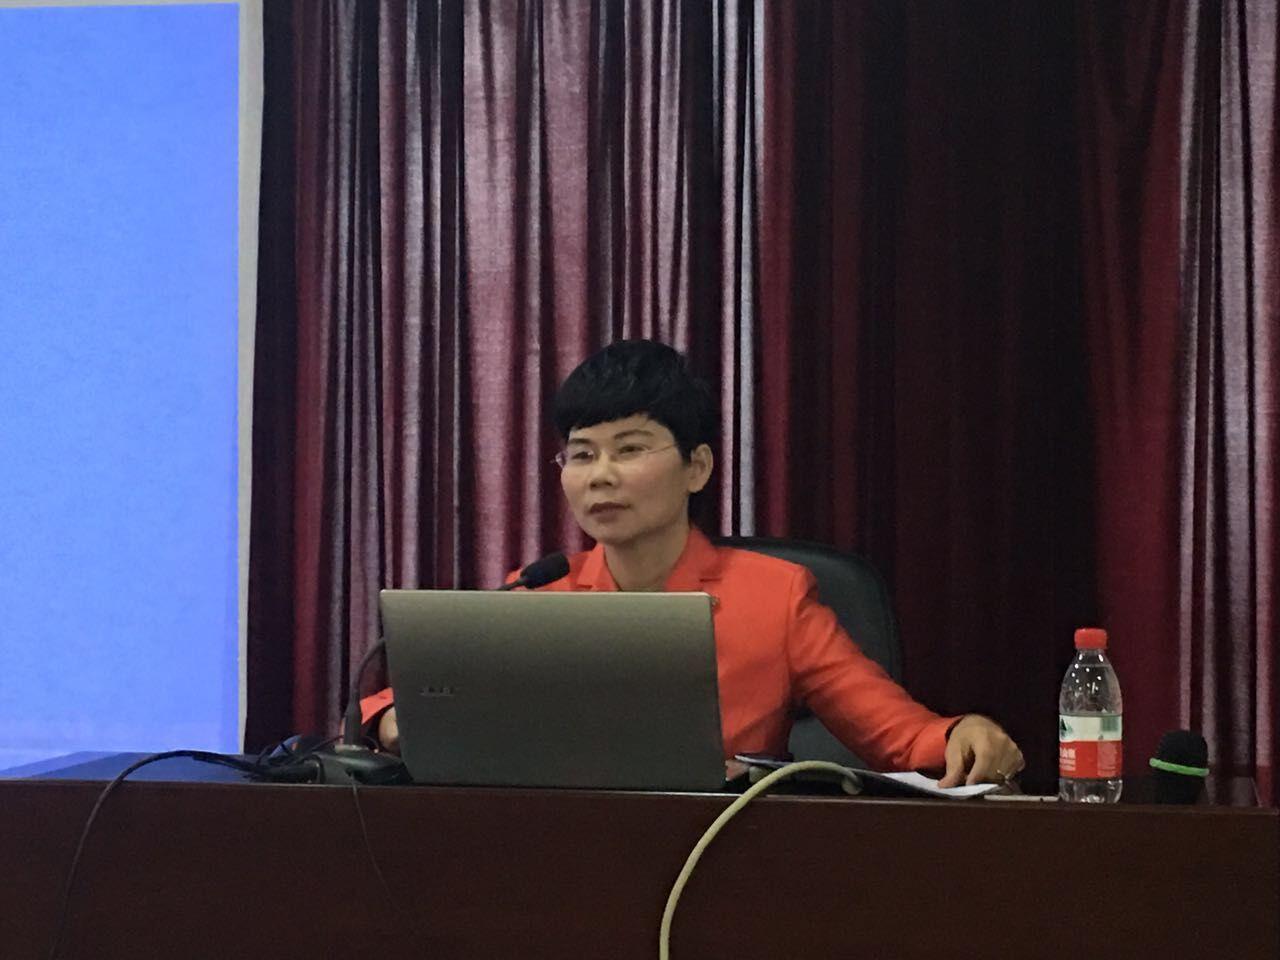 蒋律师作为点睛网高级讲师授课现场